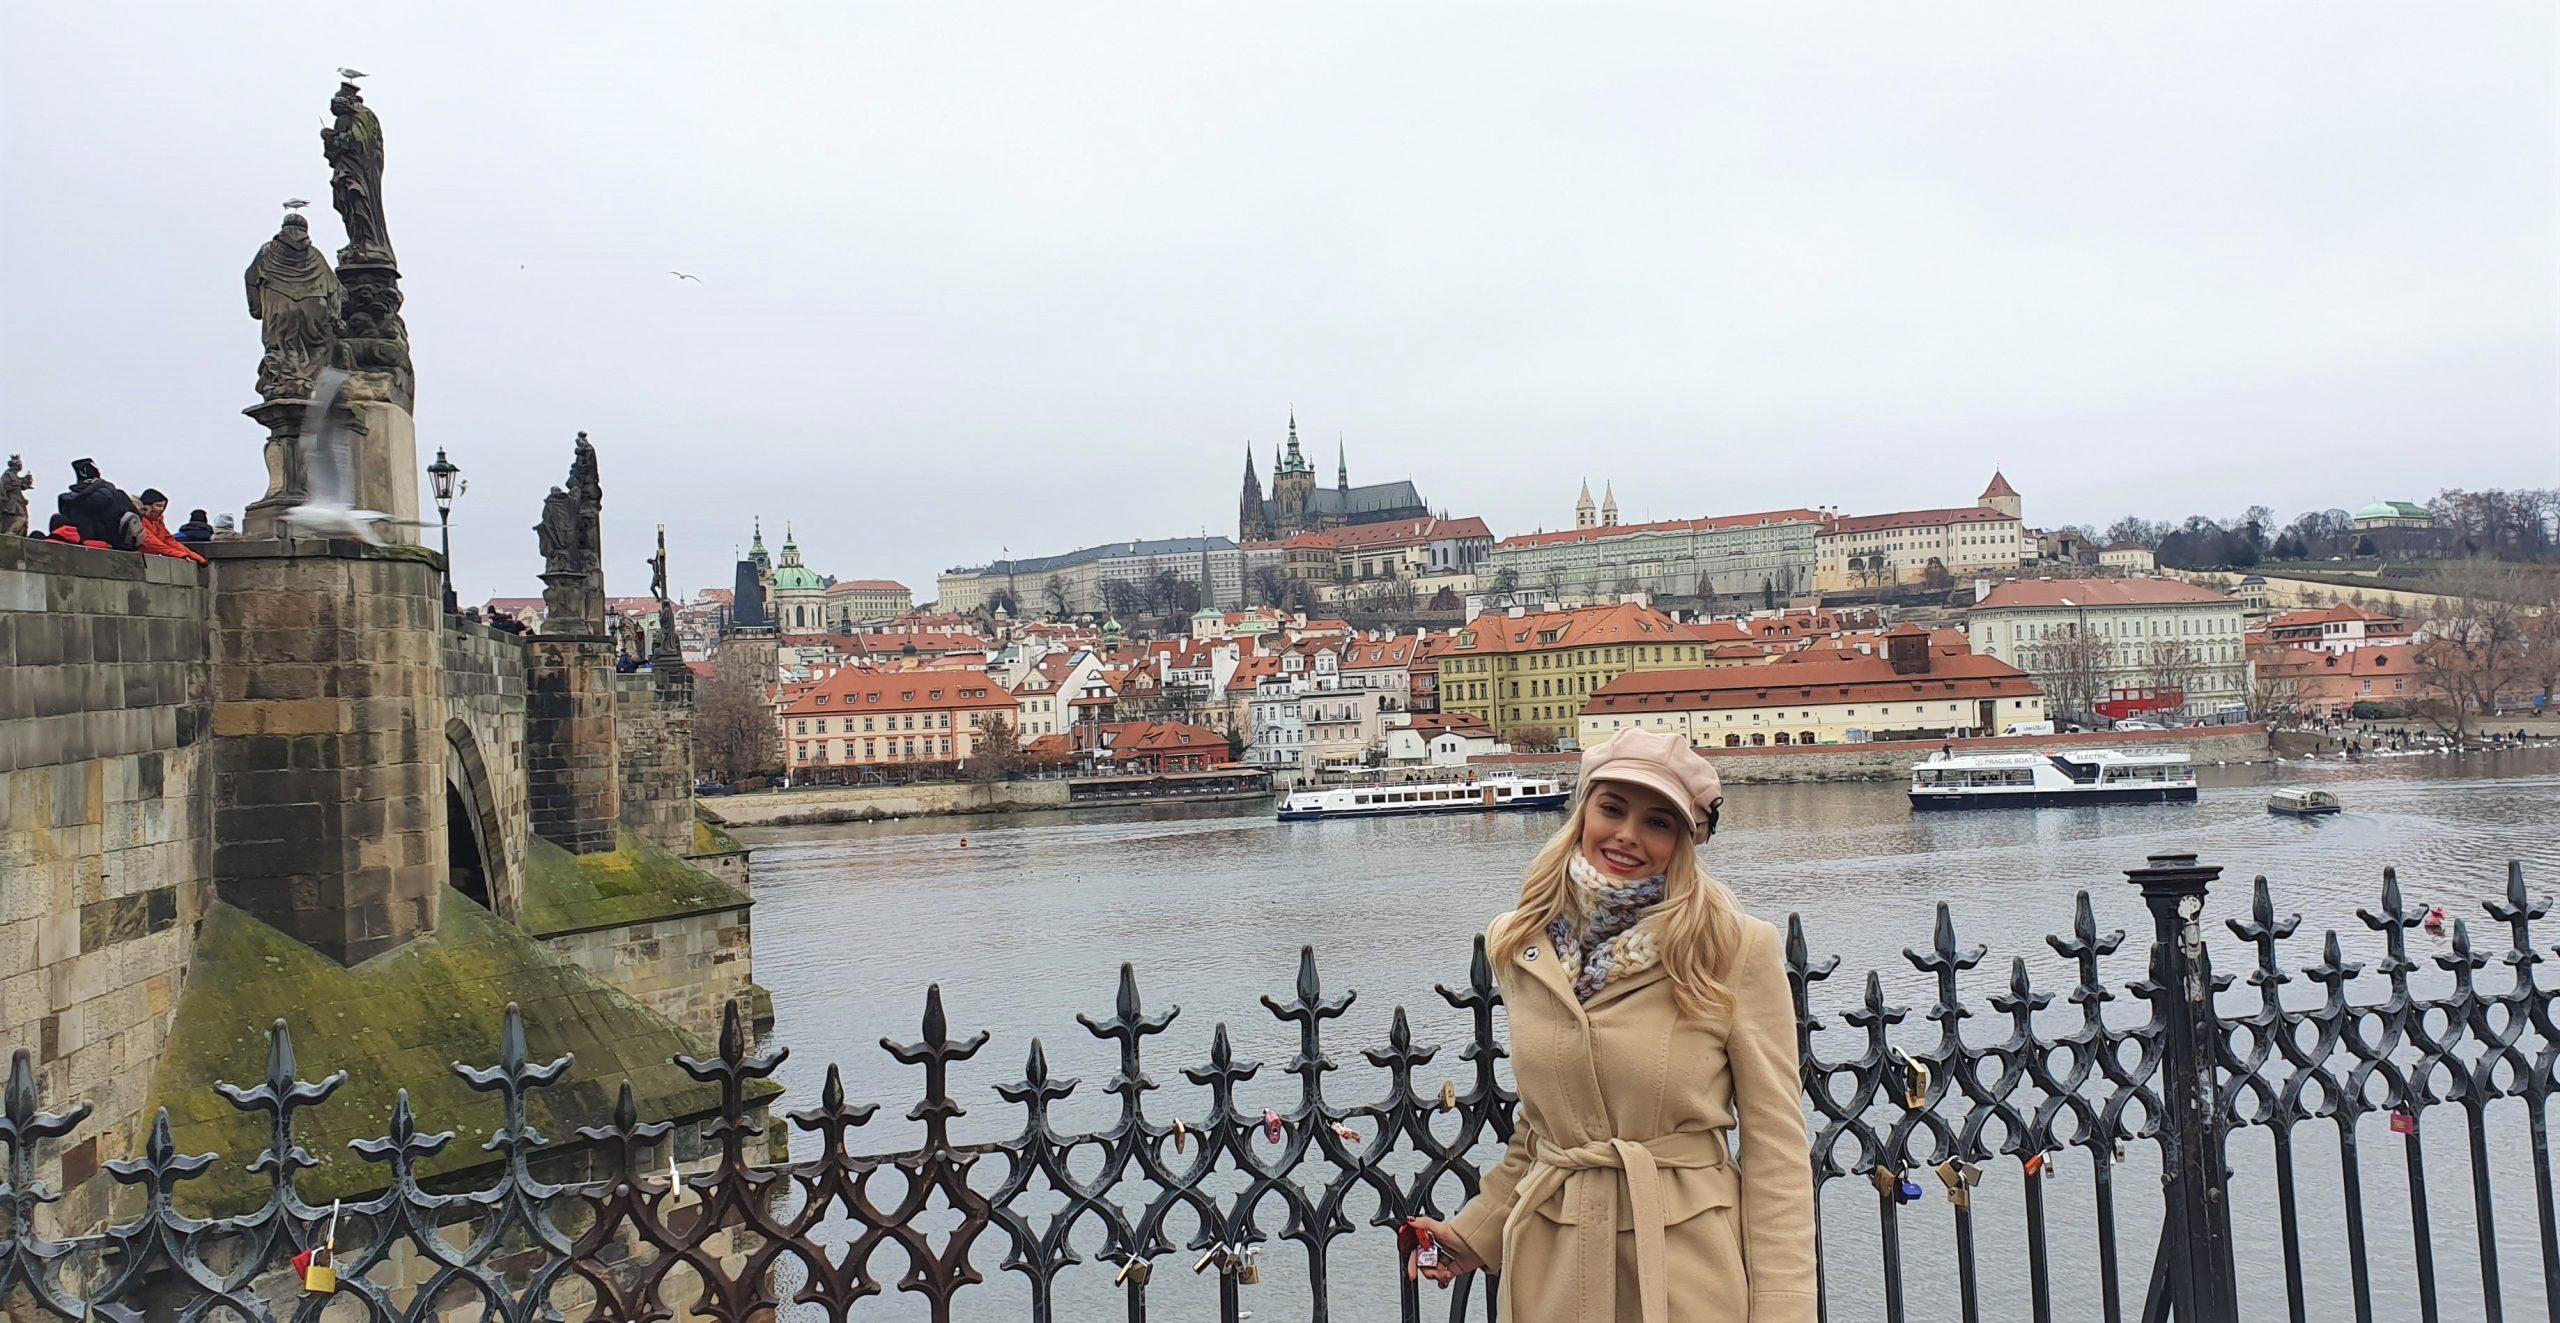 Зимна Прага – приказка без край, хубава бира и греяно вино